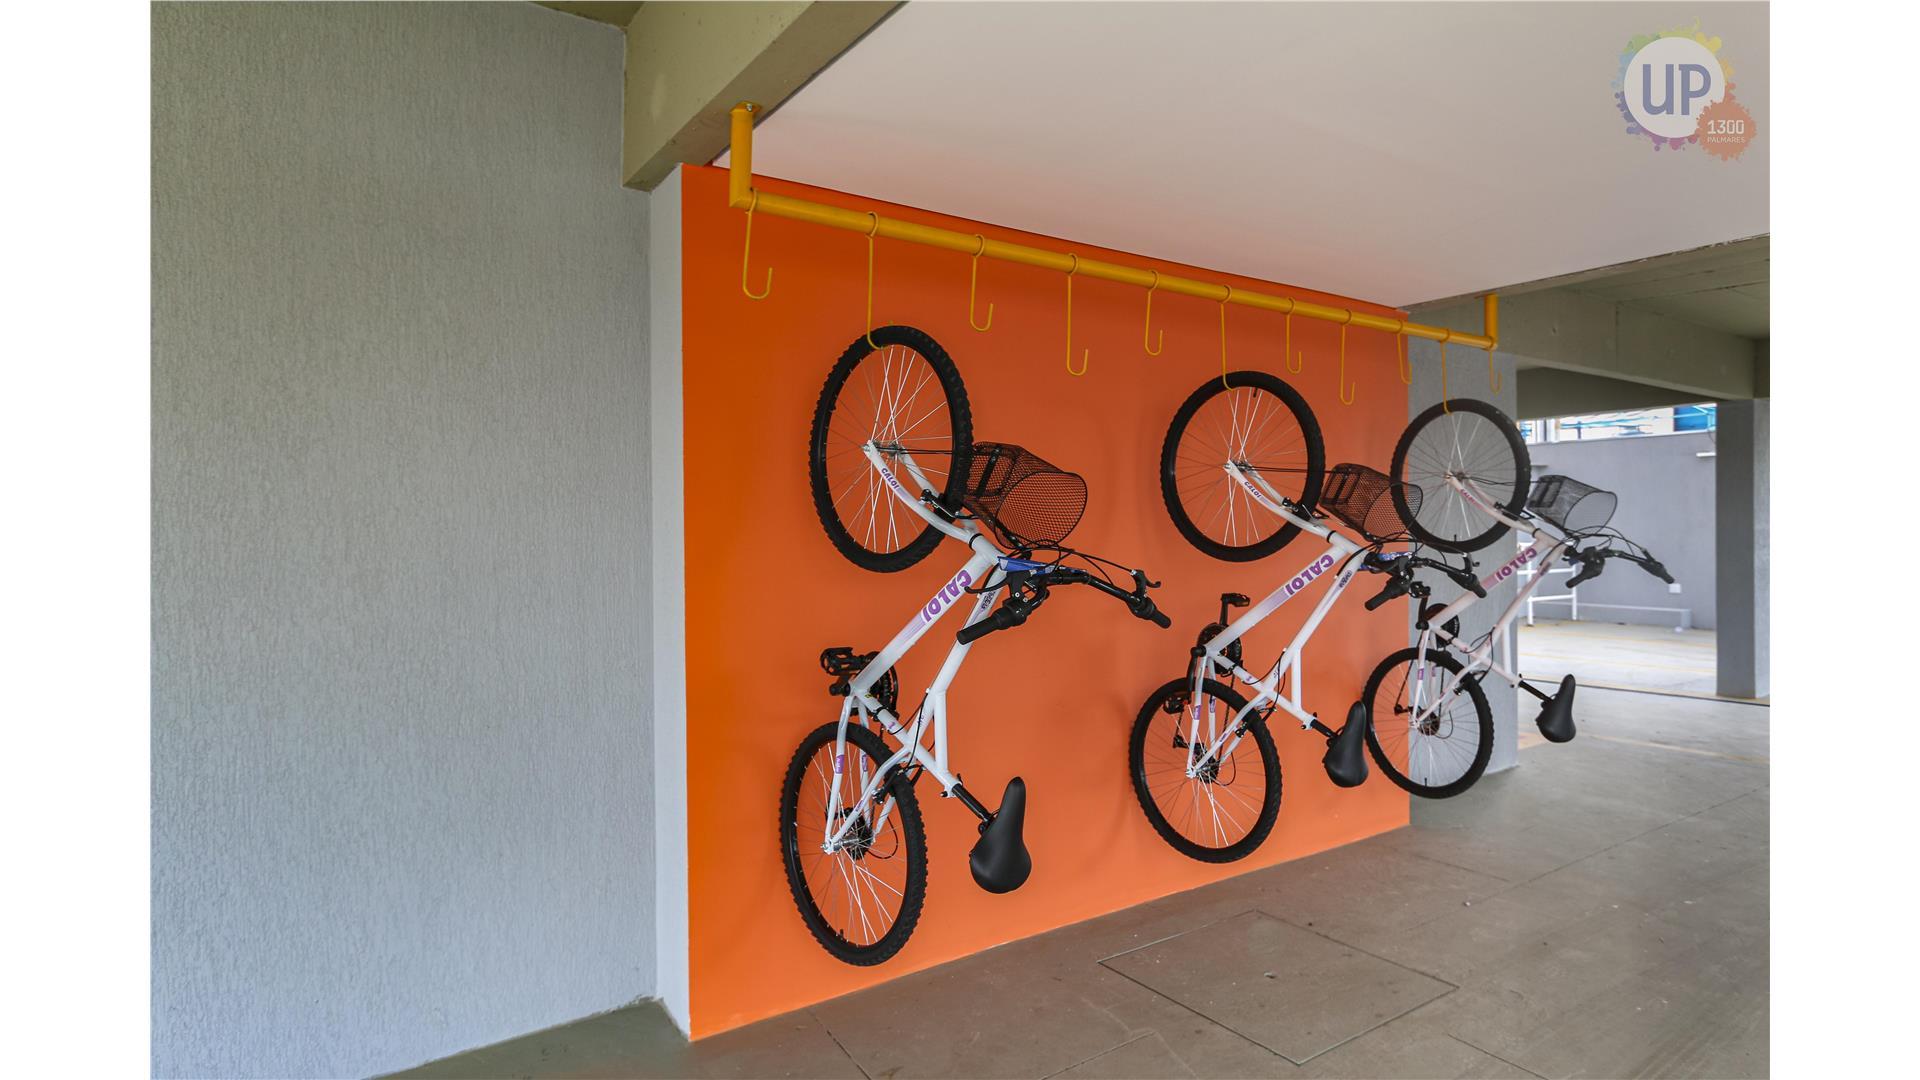 UP 1300 - Bicicletário-2.JPG